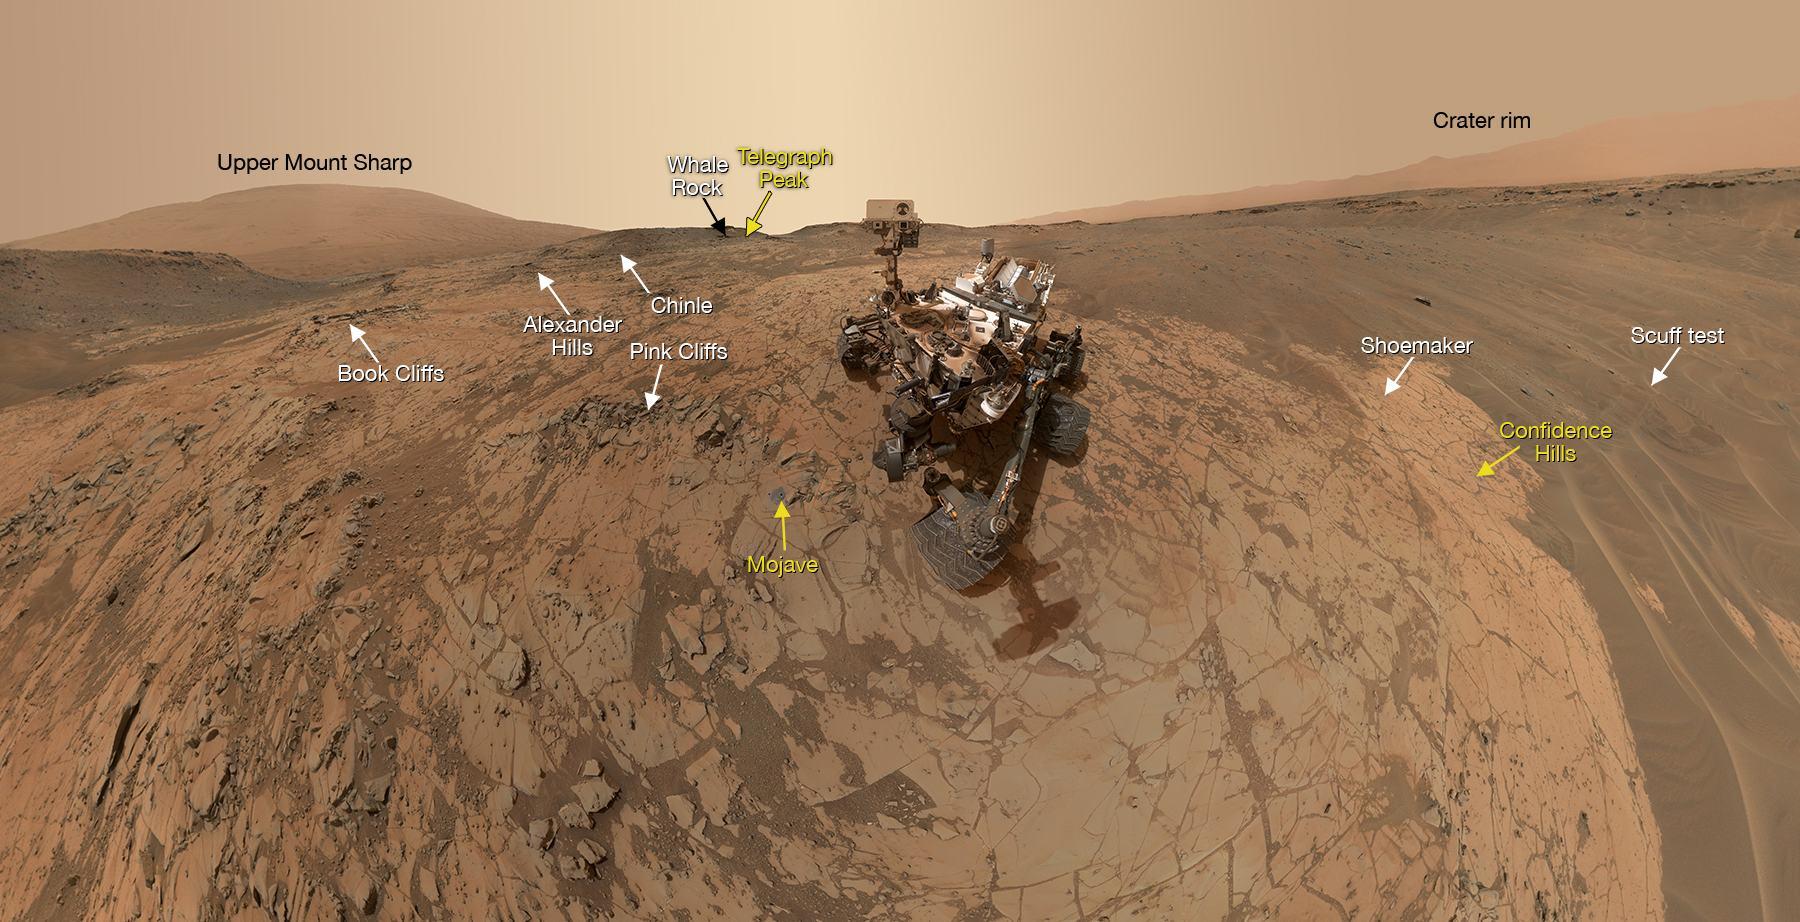 Het zelfportret. Klik voor een vergroting. Afbeelding: NASA / JPL-Caltech / MSSS.